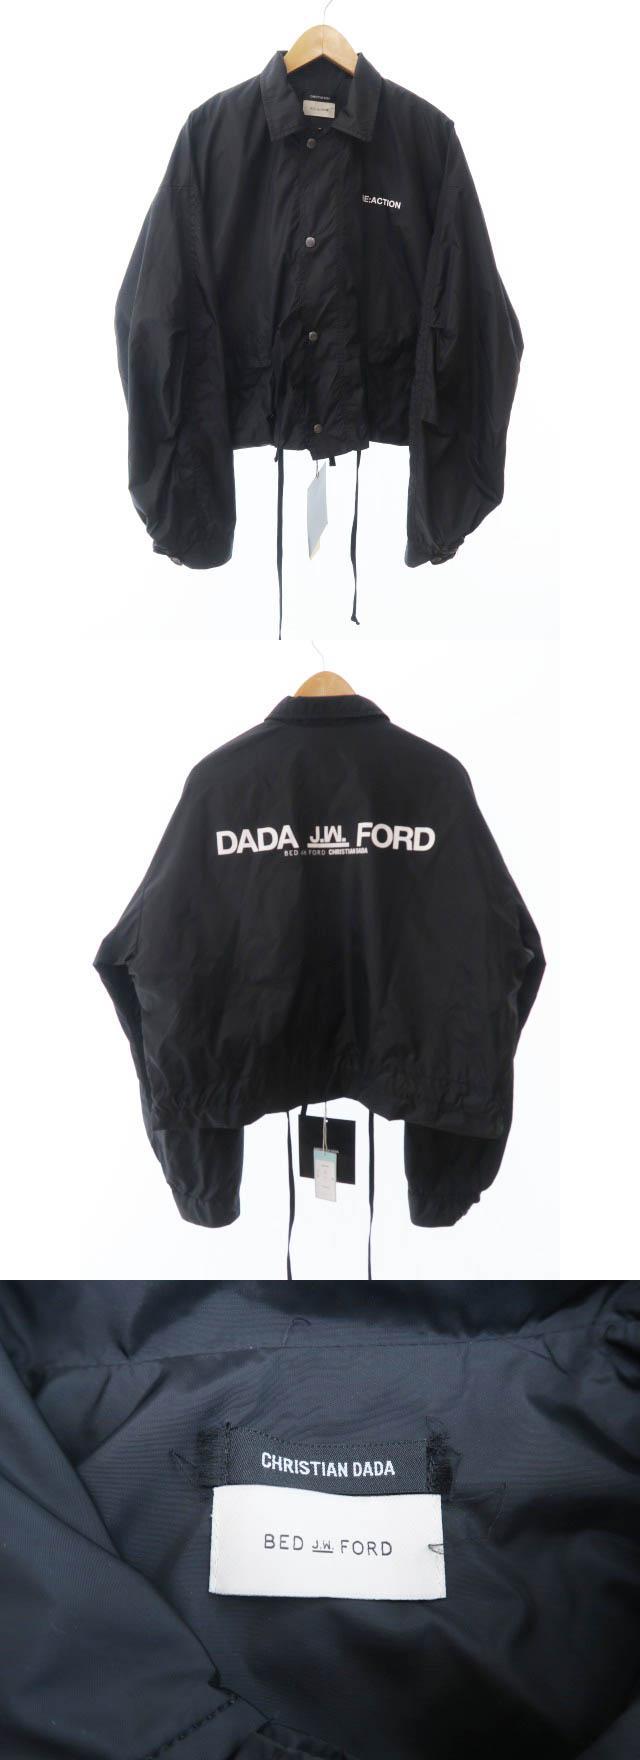 ×ベッドフォード BED J.W. FORD Coach Jacket ロゴ コーチ ジャケット 48 黒ブラック ブランド古着ベクトル 中古190523 0120